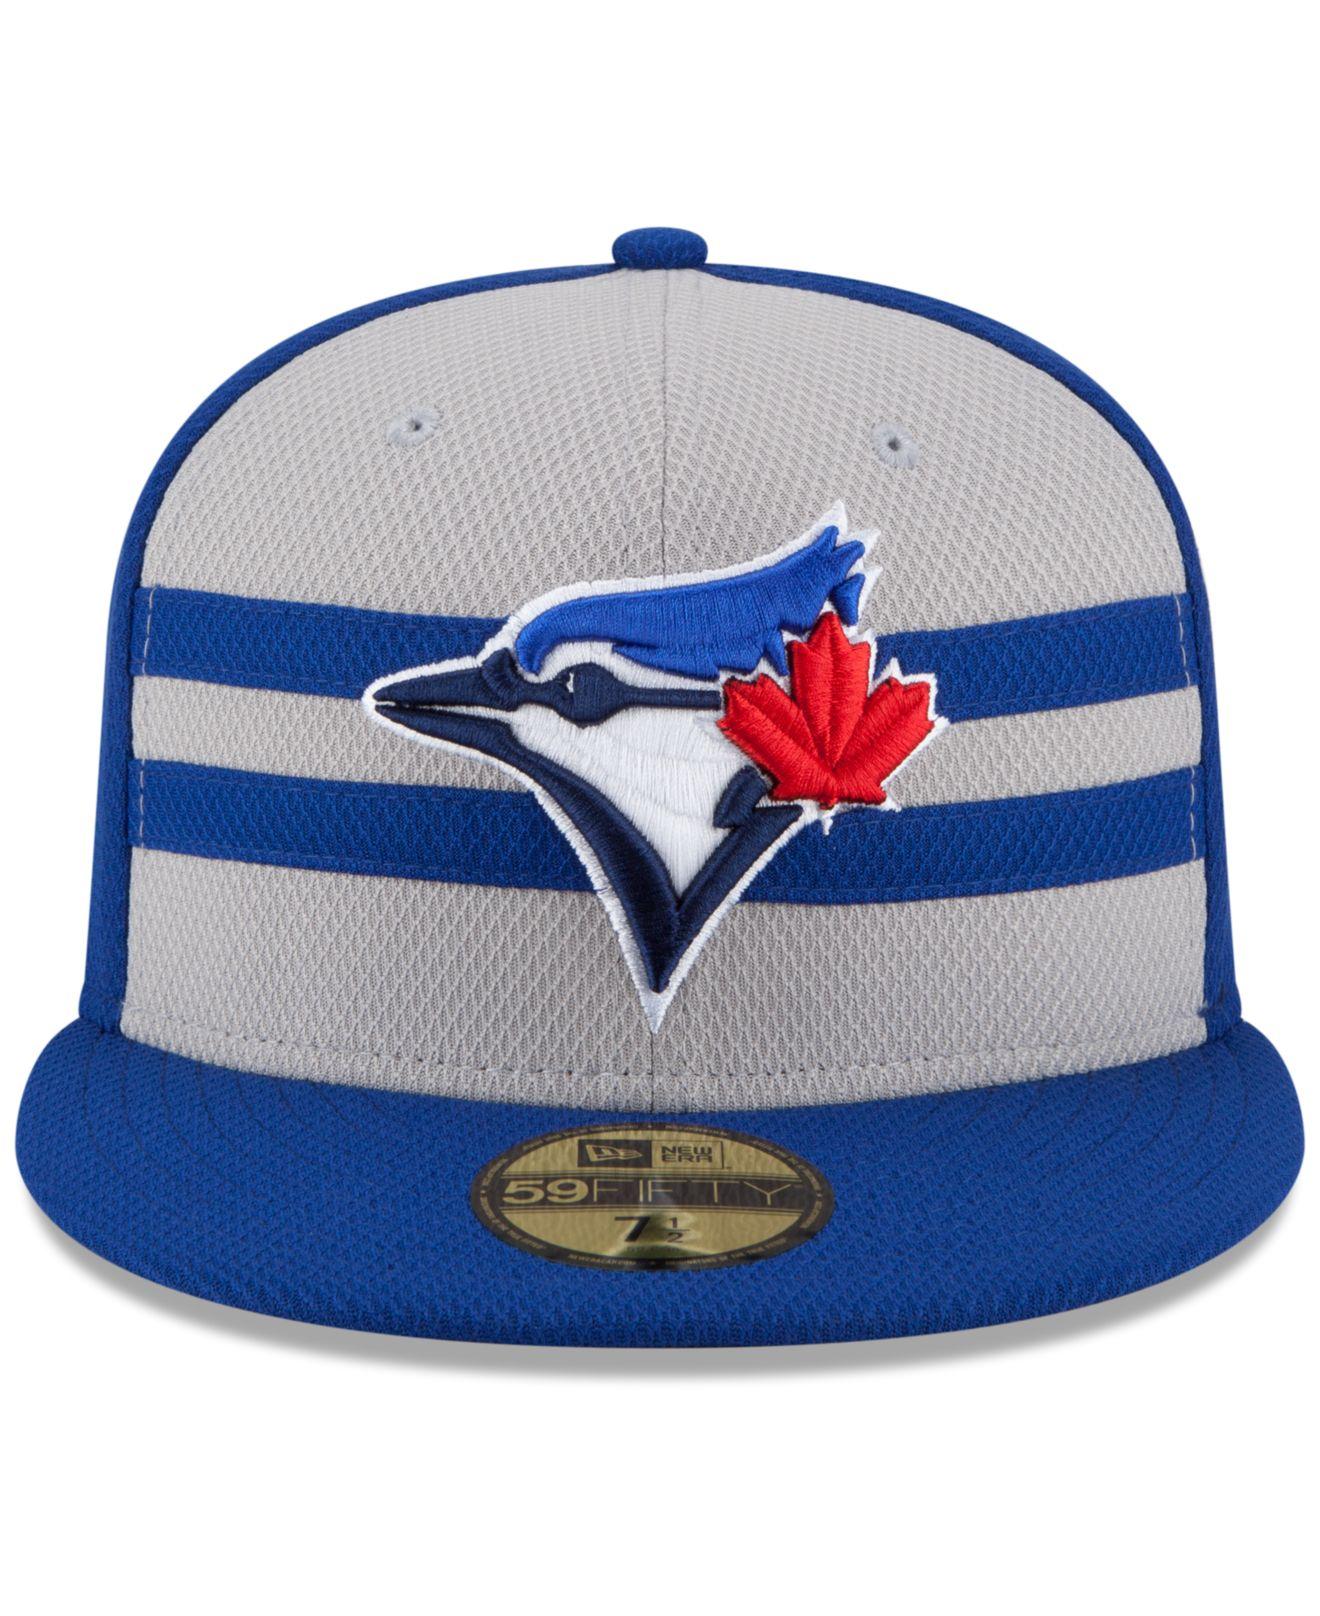 wholesale dealer 3e310 22811 sale toronto blue jays memorial day hat zoomies 110b8 1c379